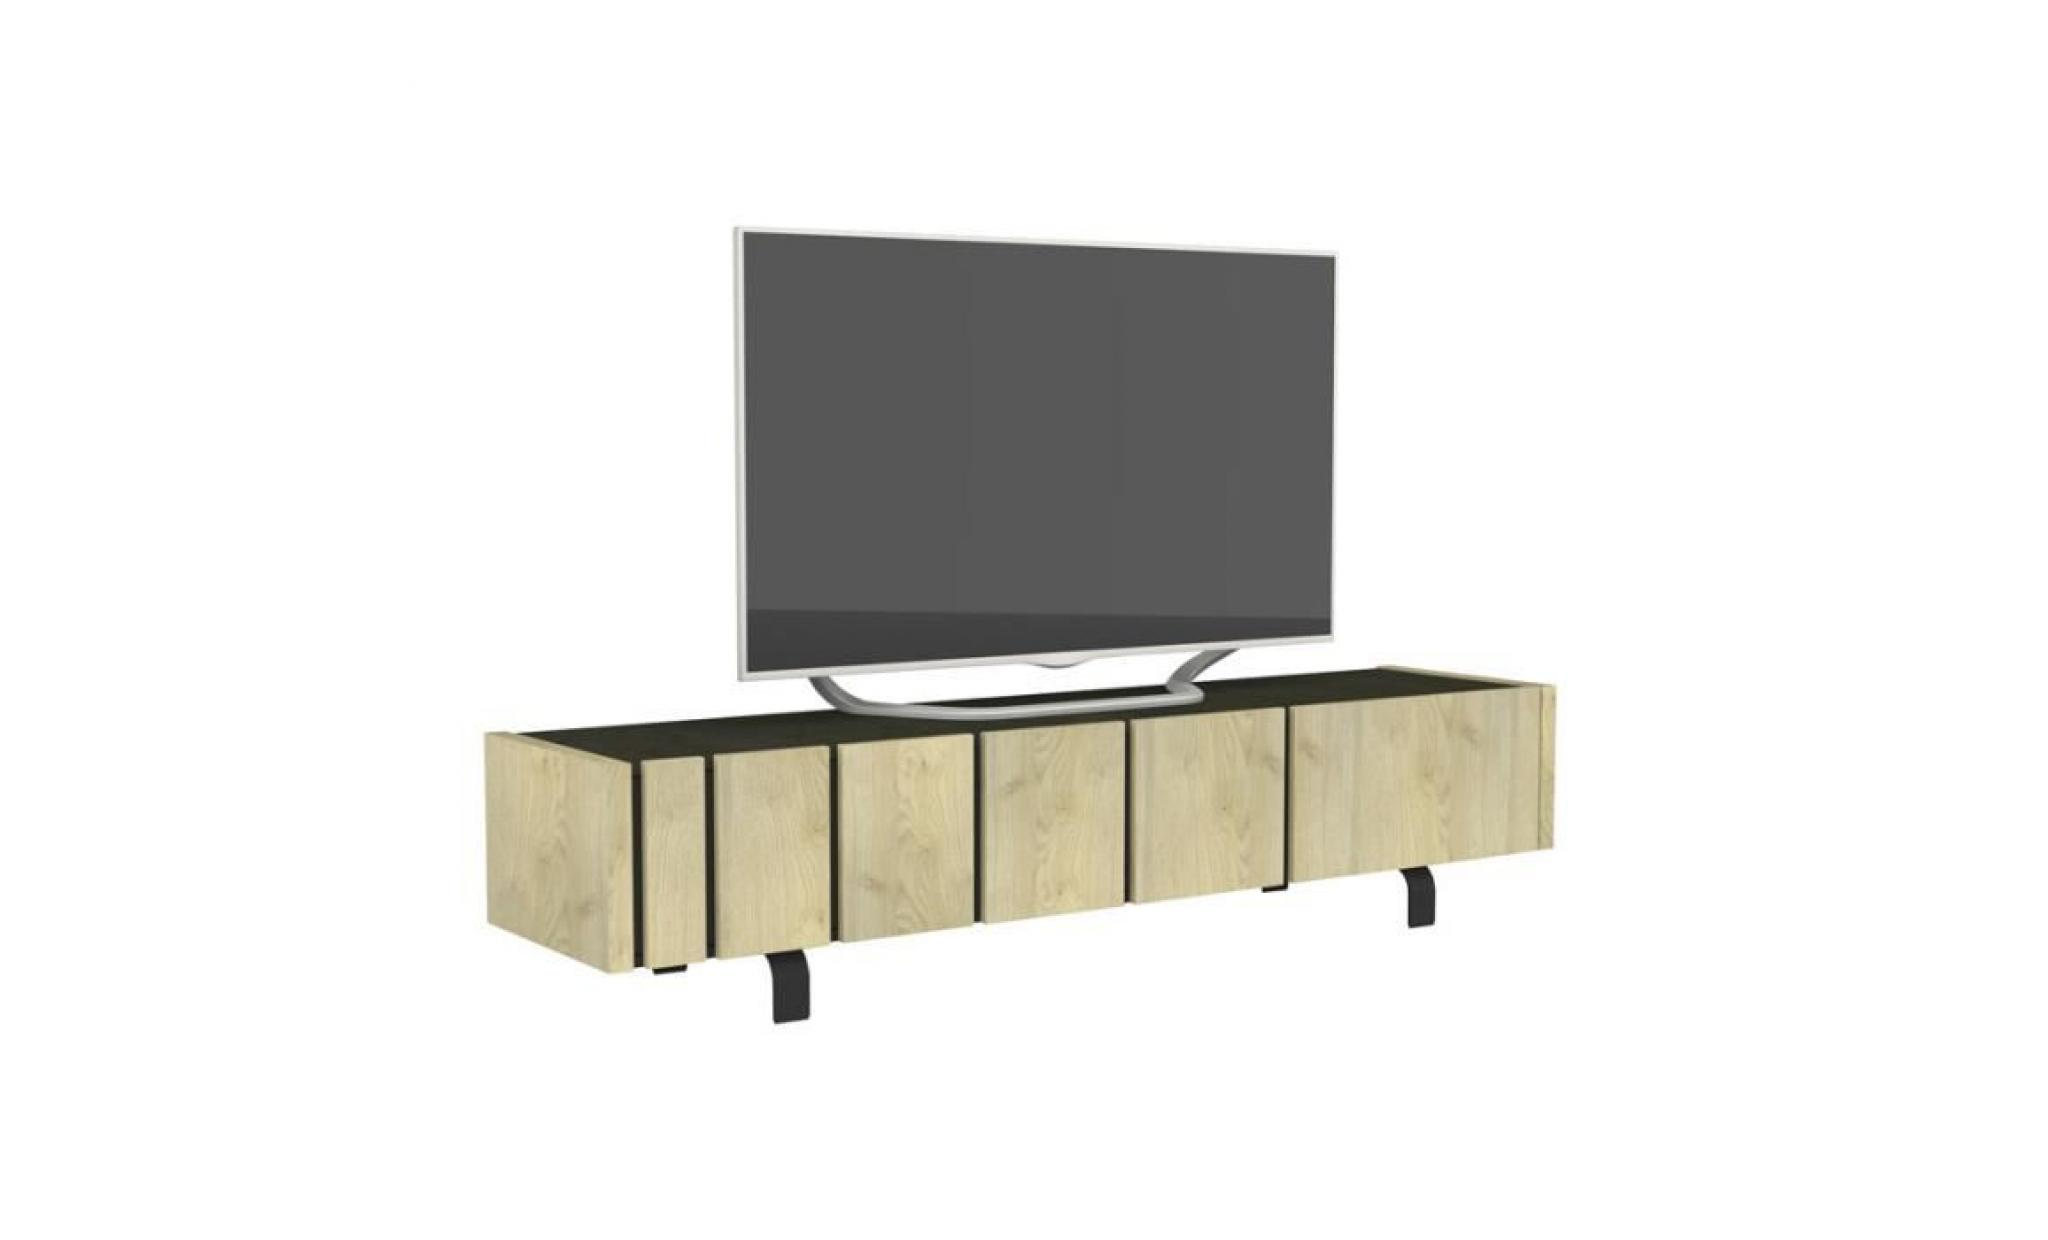 meuble tv 3 portes chêne clair/ardoise forest l 190 x l 45 ...